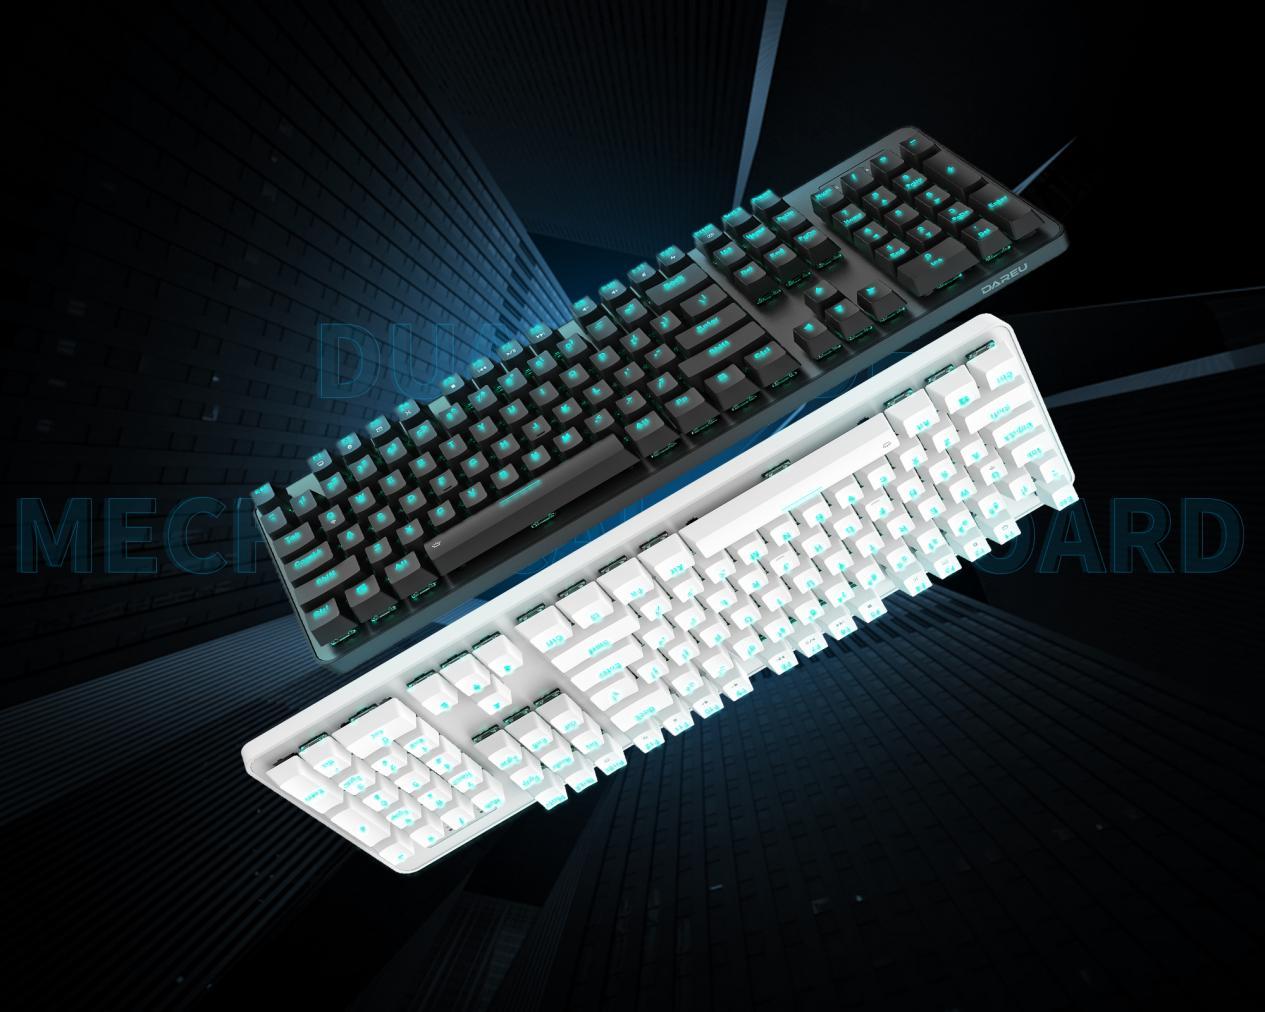 双模联动,强劲续航 ▎达尔优EK810有线+2.4G双模机械键盘满载登录